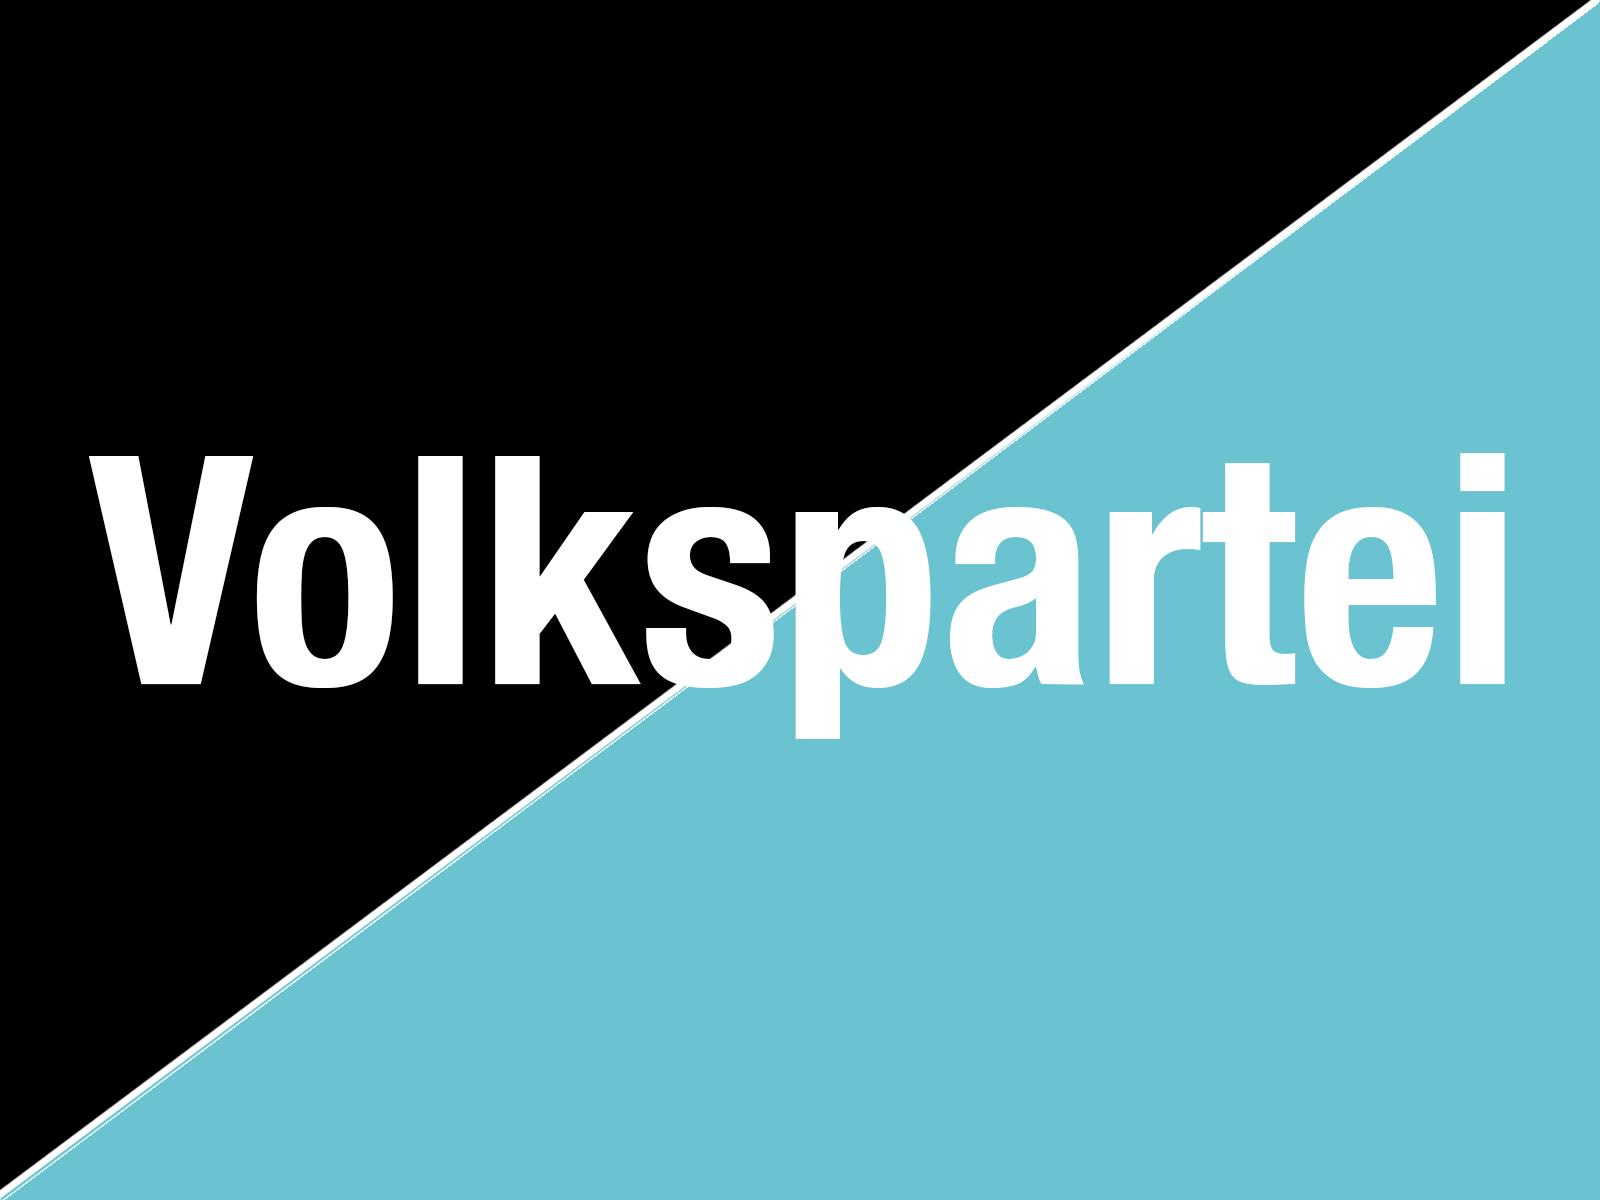 Volkspartei schwarz türkis